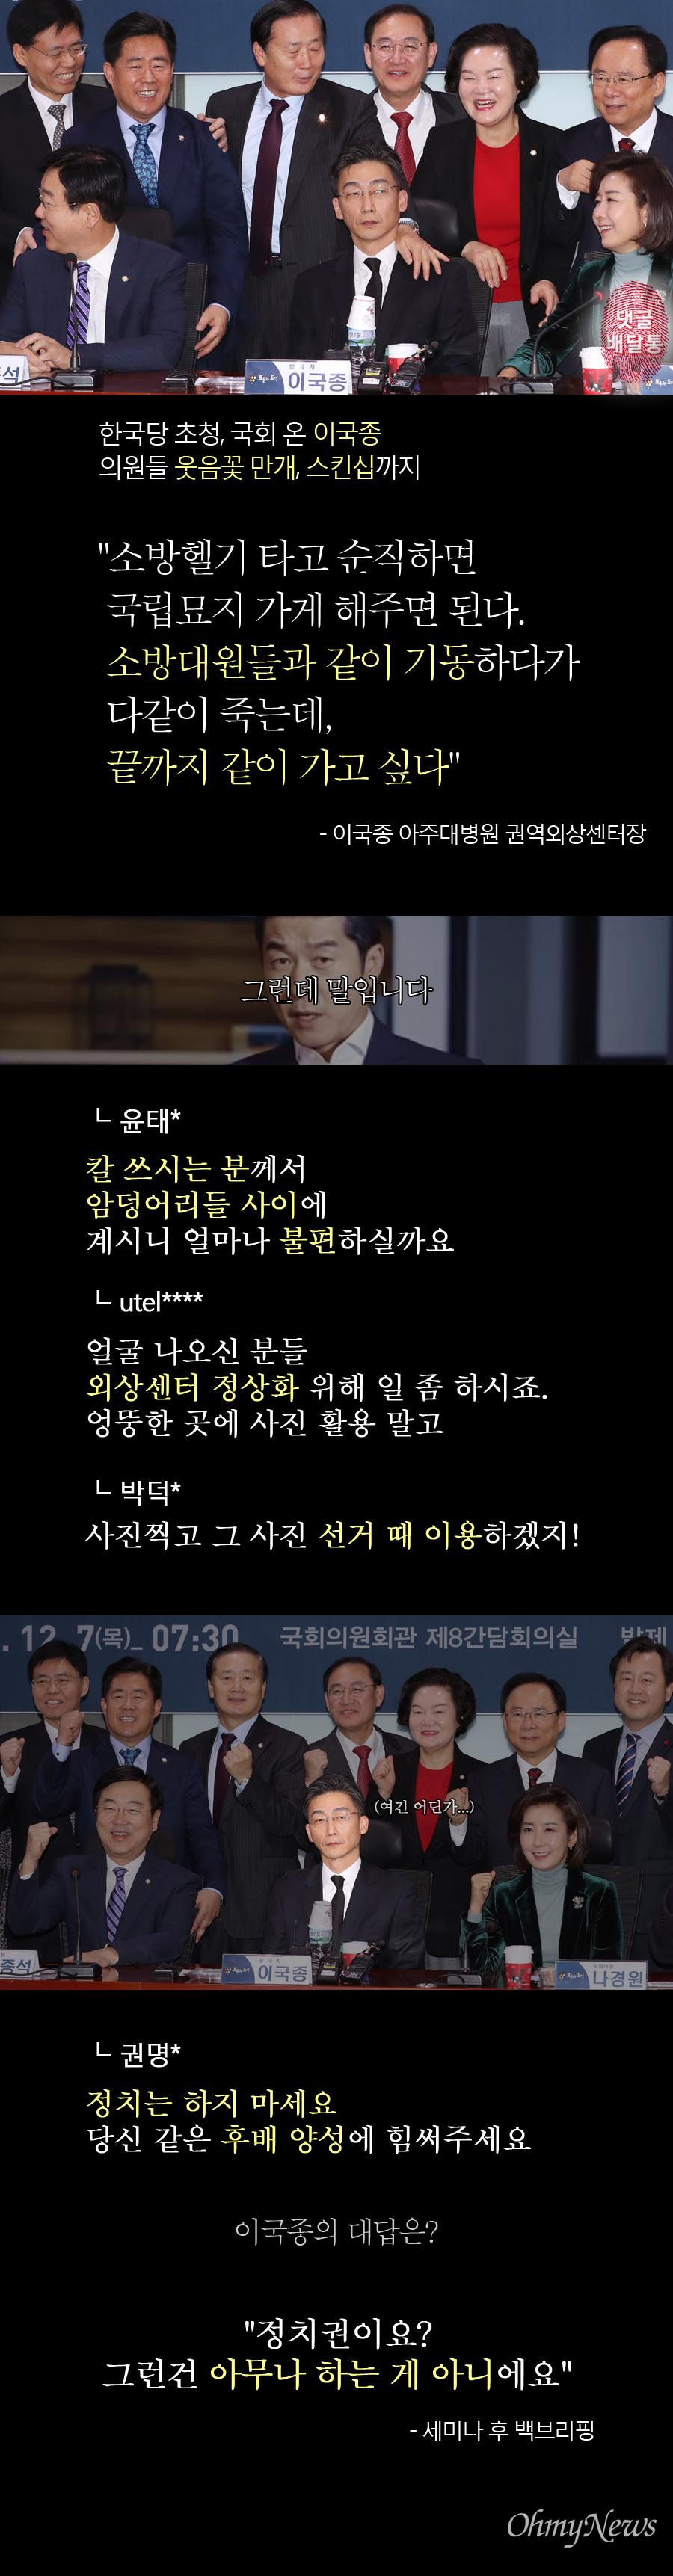 이국종 방문, 급빵끗 한국당... 단체사진까지 [2017년 12월 7일] 한국당 의원님들, 선거 때 사진 쓰지 마시랍니다~